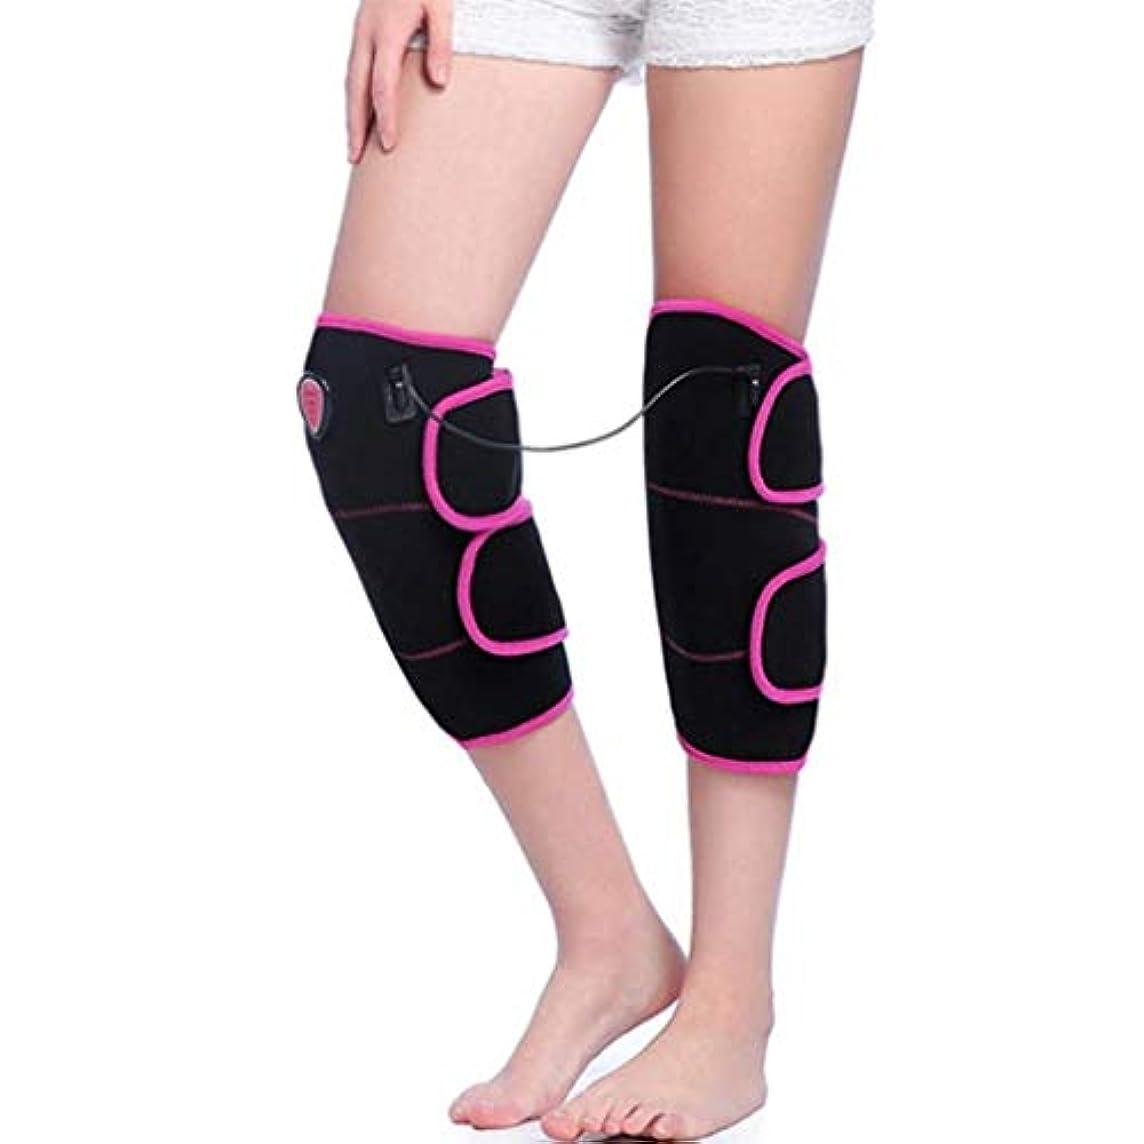 化学薬品粘液分子フットマッサージャー、加熱式膝プロテクター、温熱oxi、膝捻Andおよび関節筋弛緩に適し、血液循環を促進/保温